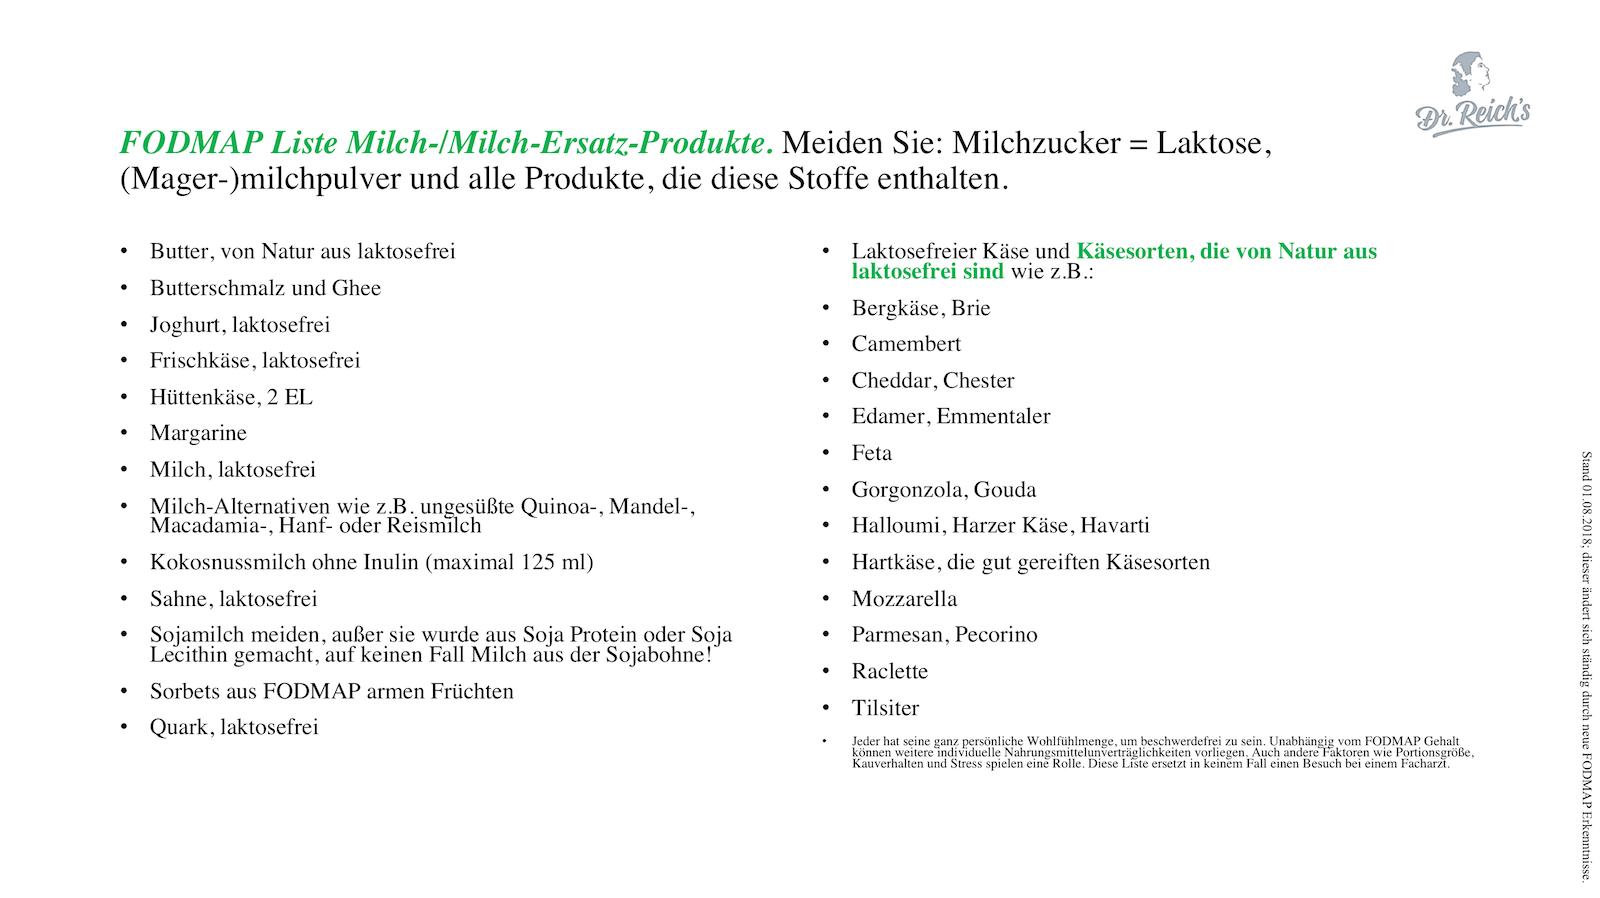 FODMAP Liste Milch und Milchersatzprodukte